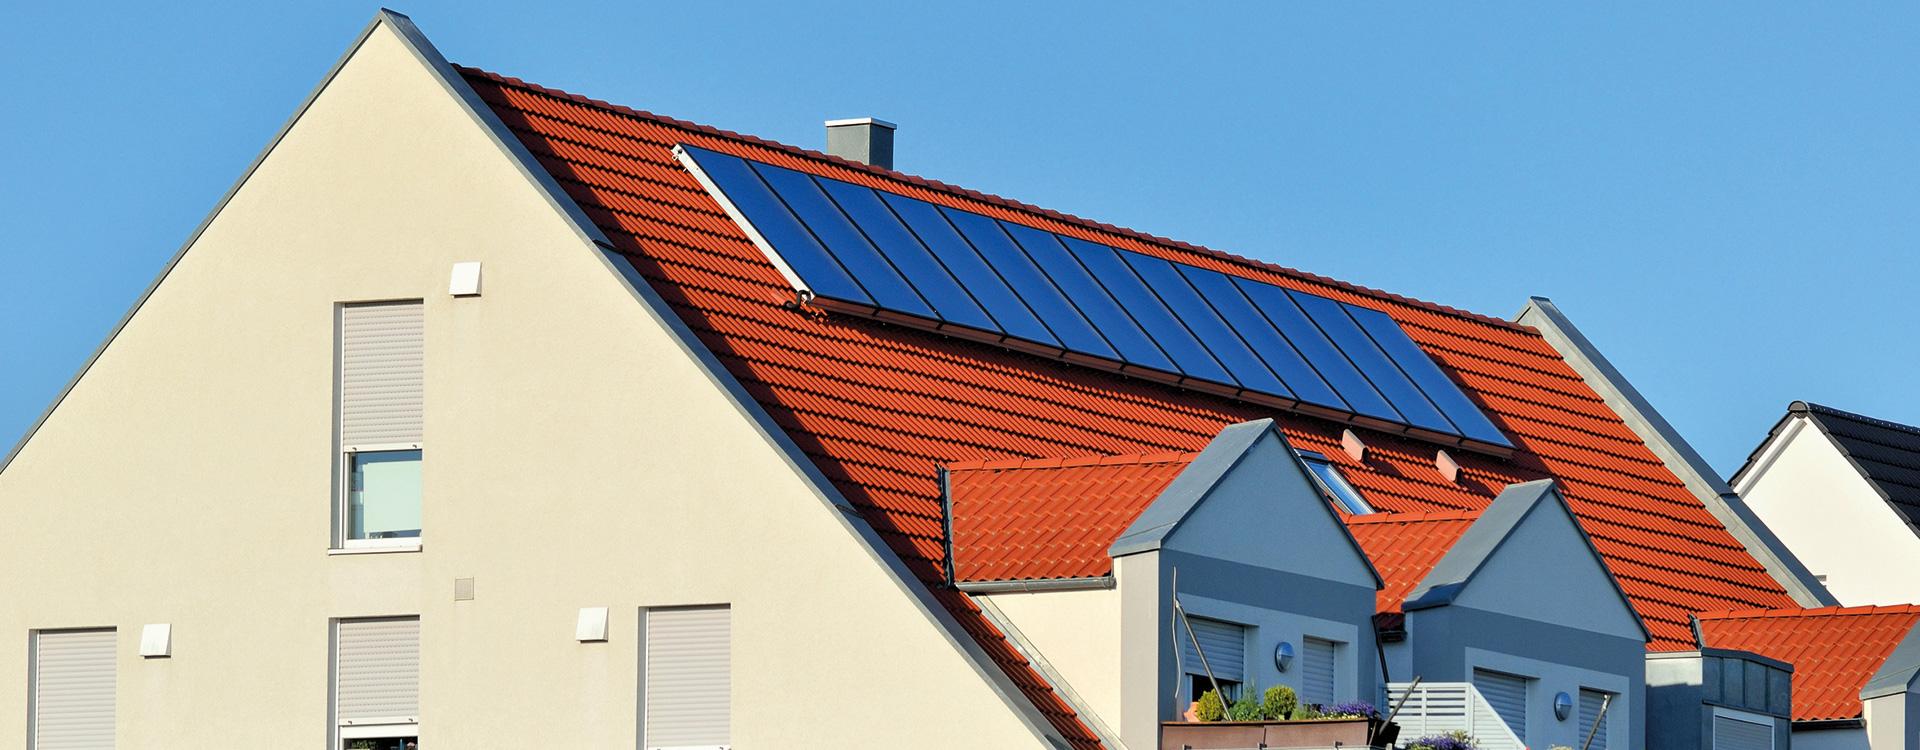 Stefan-Stolze-Heizungs-und-Sanitartechnik-Gmbh-Ihr-Klempner-in-Ahrensburg-solar-mehrfamilienhaus